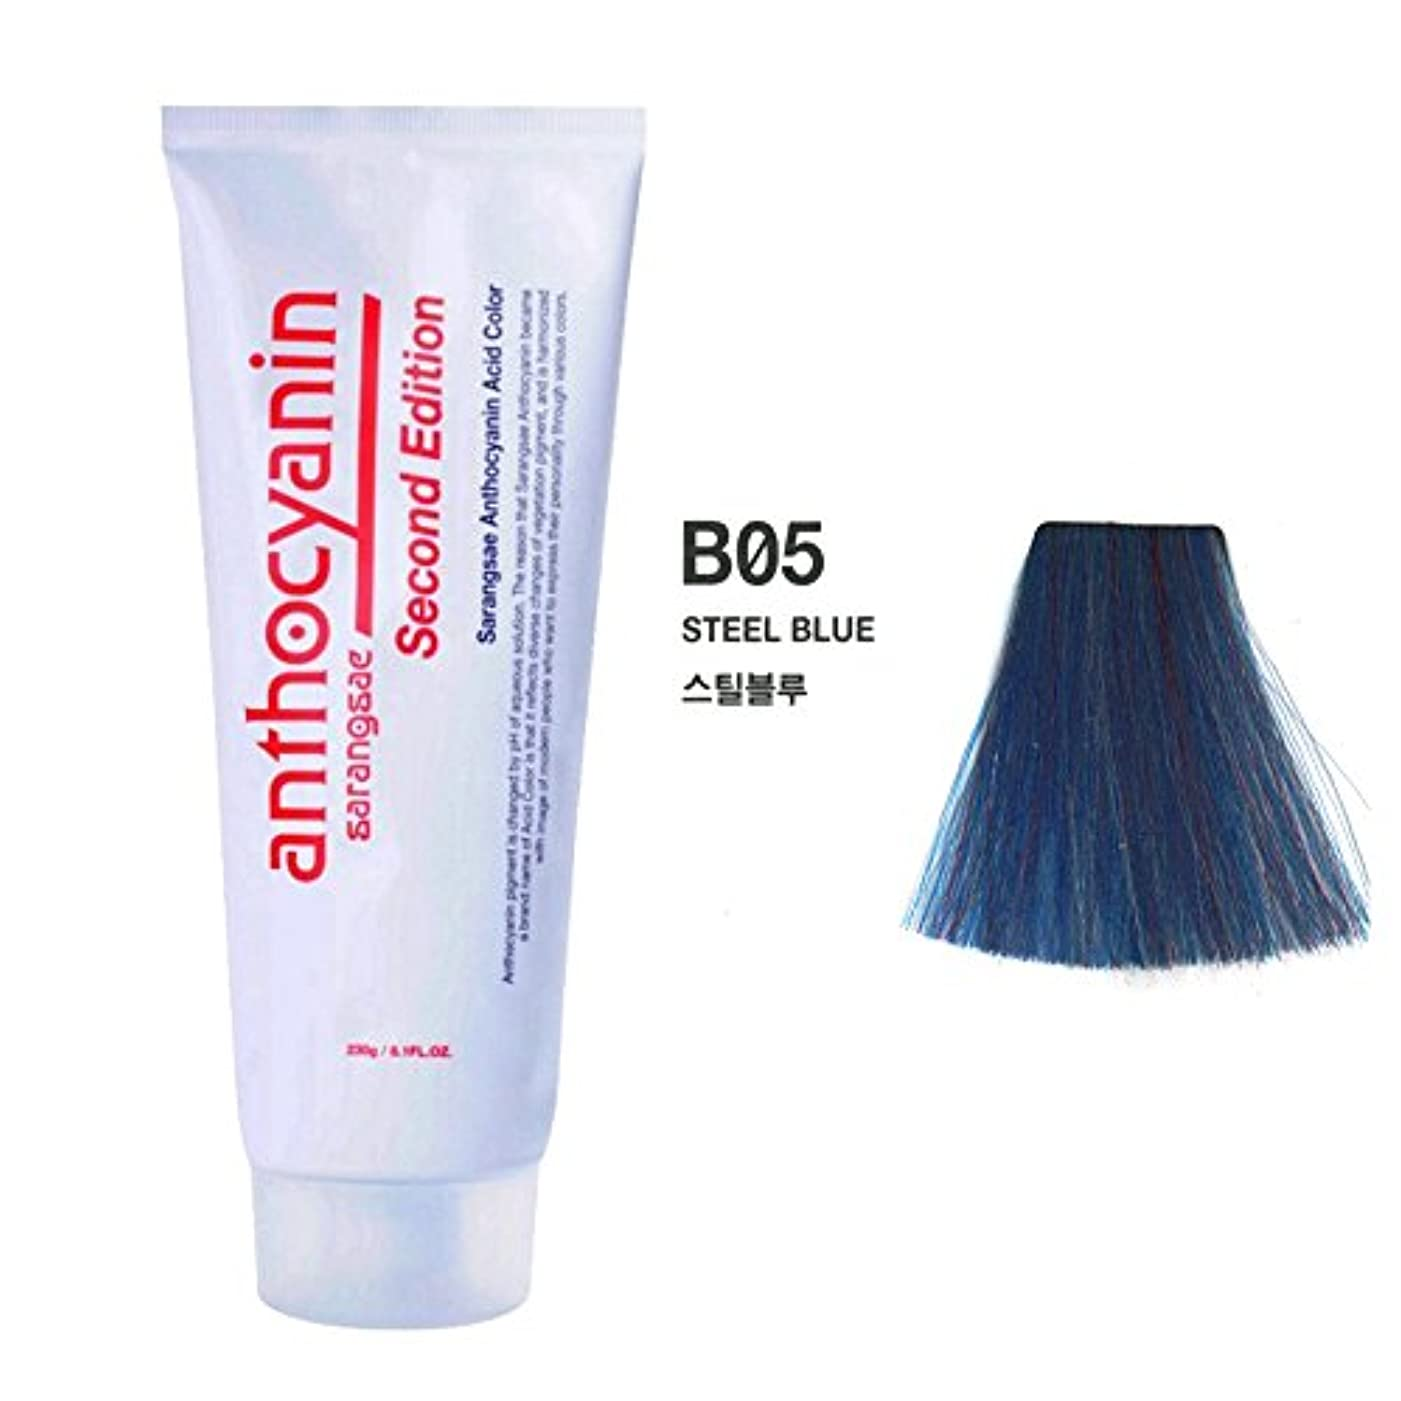 直感積分夢中ヘア マニキュア カラー セカンド エディション 230g セミ パーマネント 染毛剤 (Hair Manicure Color Second Edition 230g Semi Permanent Hair Dye) [並行輸入品] (B05 Steel Blue)